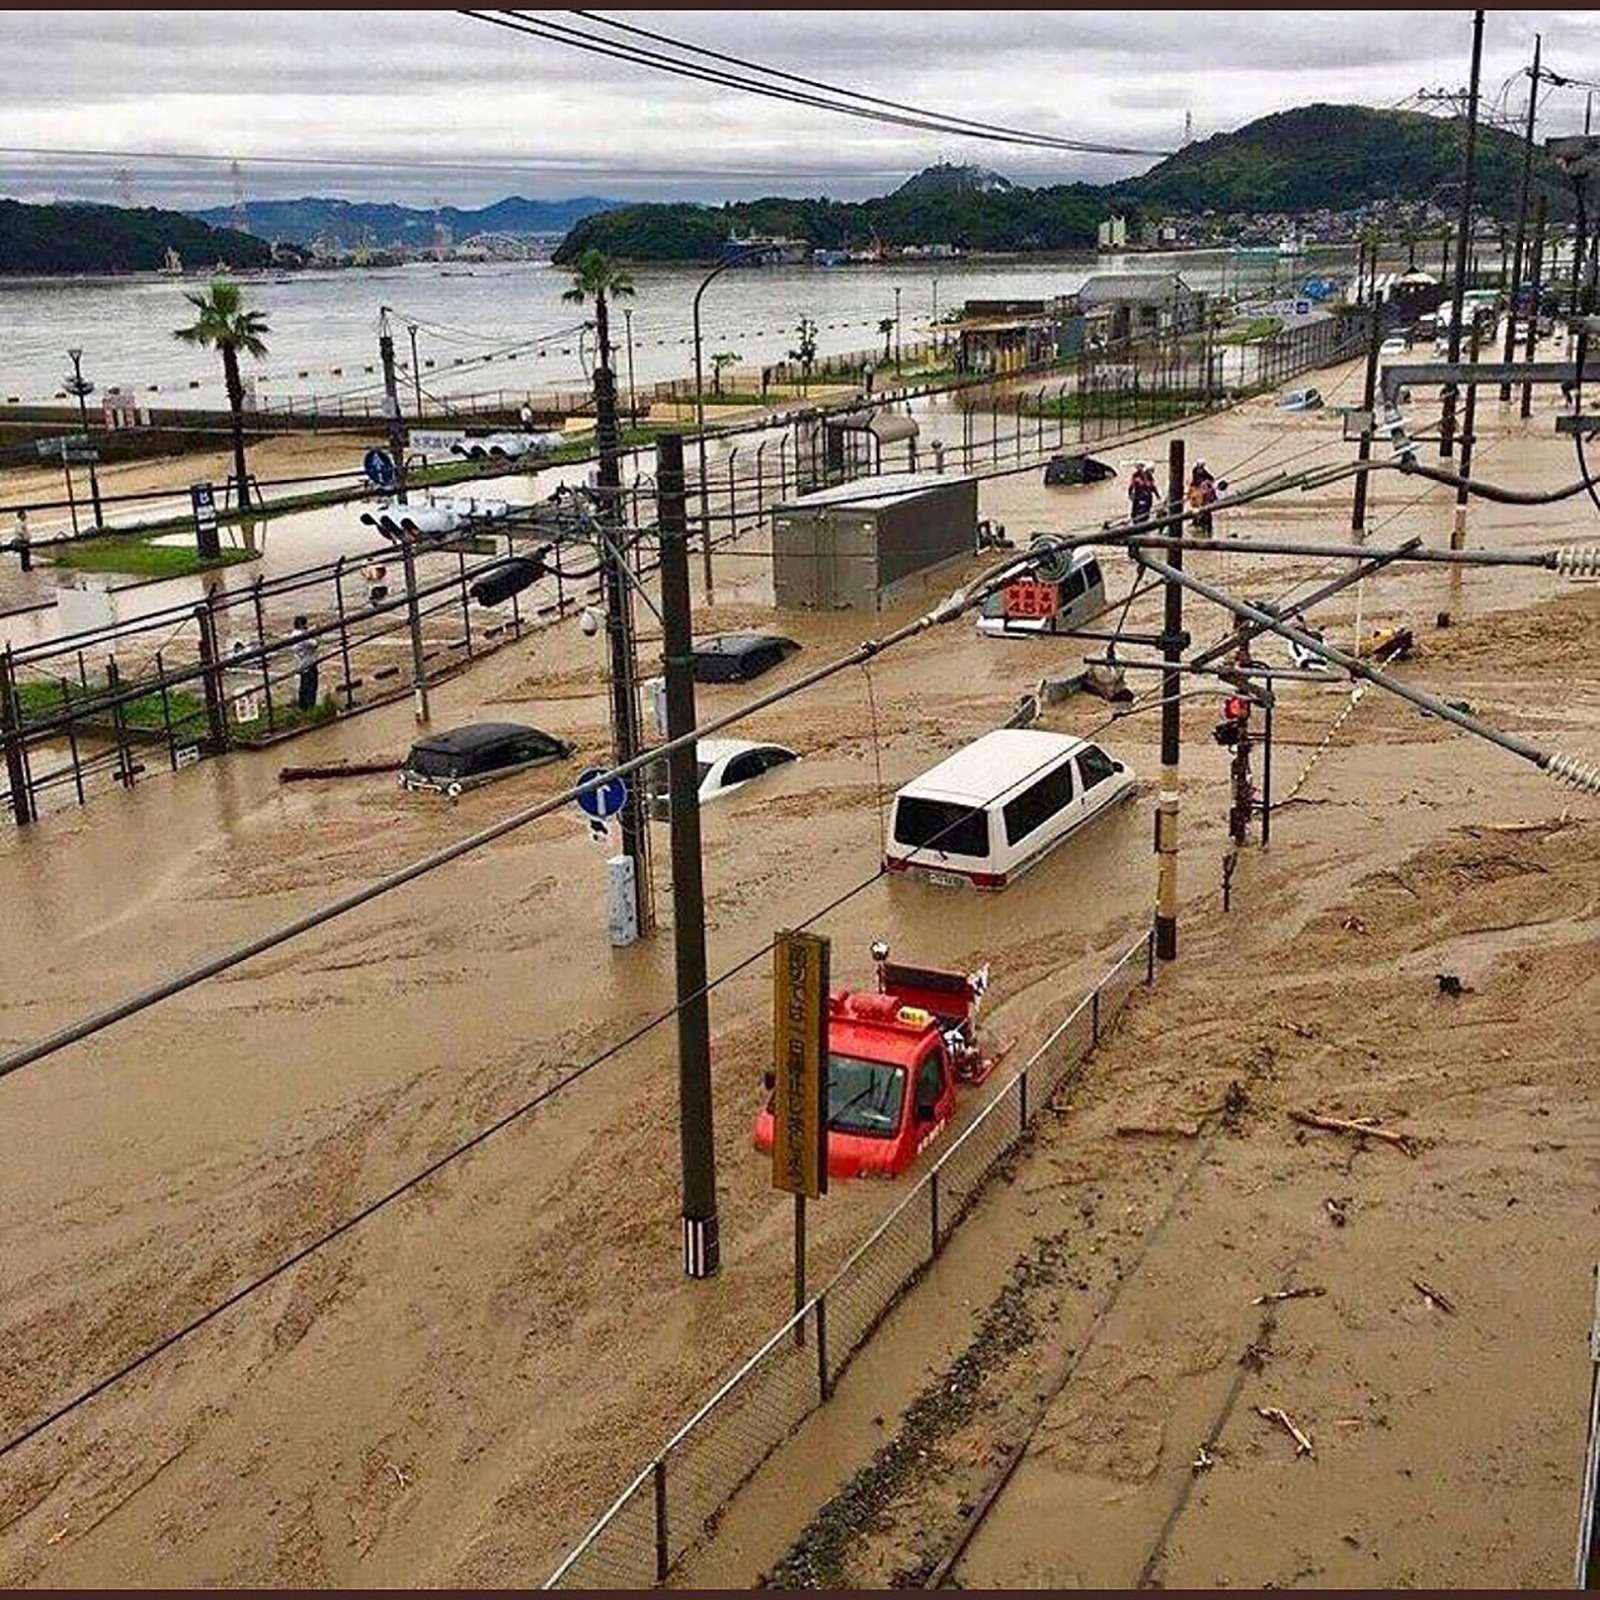 Наводнение вЯпонии: тысячи утопленных машин. Ждем ихвРоссии?— фото 886640